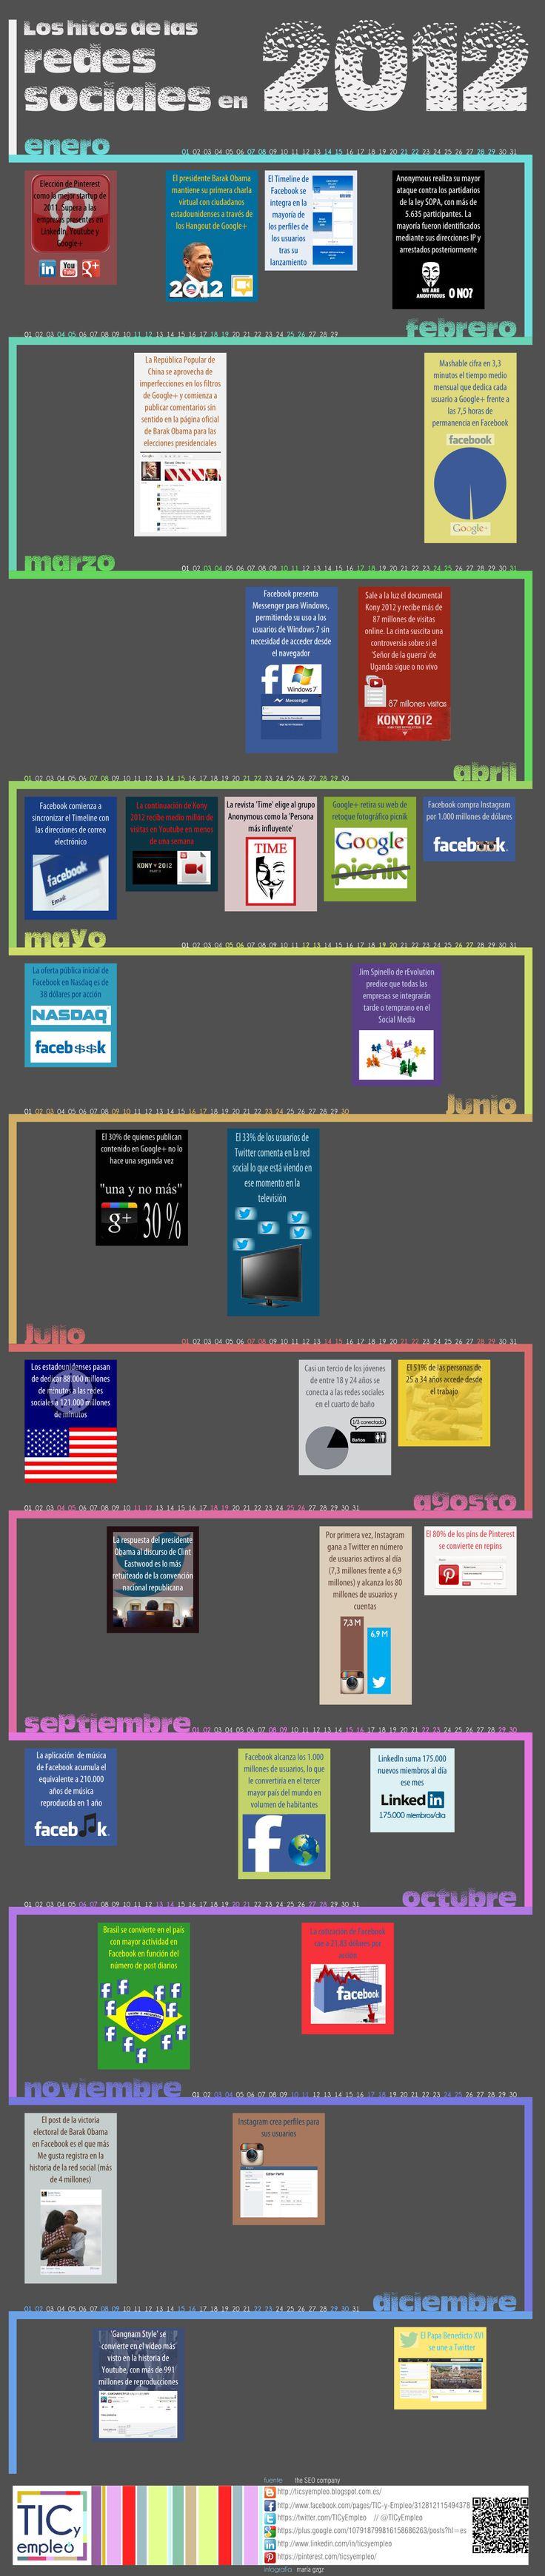 TIC y Empleo: Los hitos de las redes sociales en 2012.  http://ticsyempleo.blogspot.com.es/